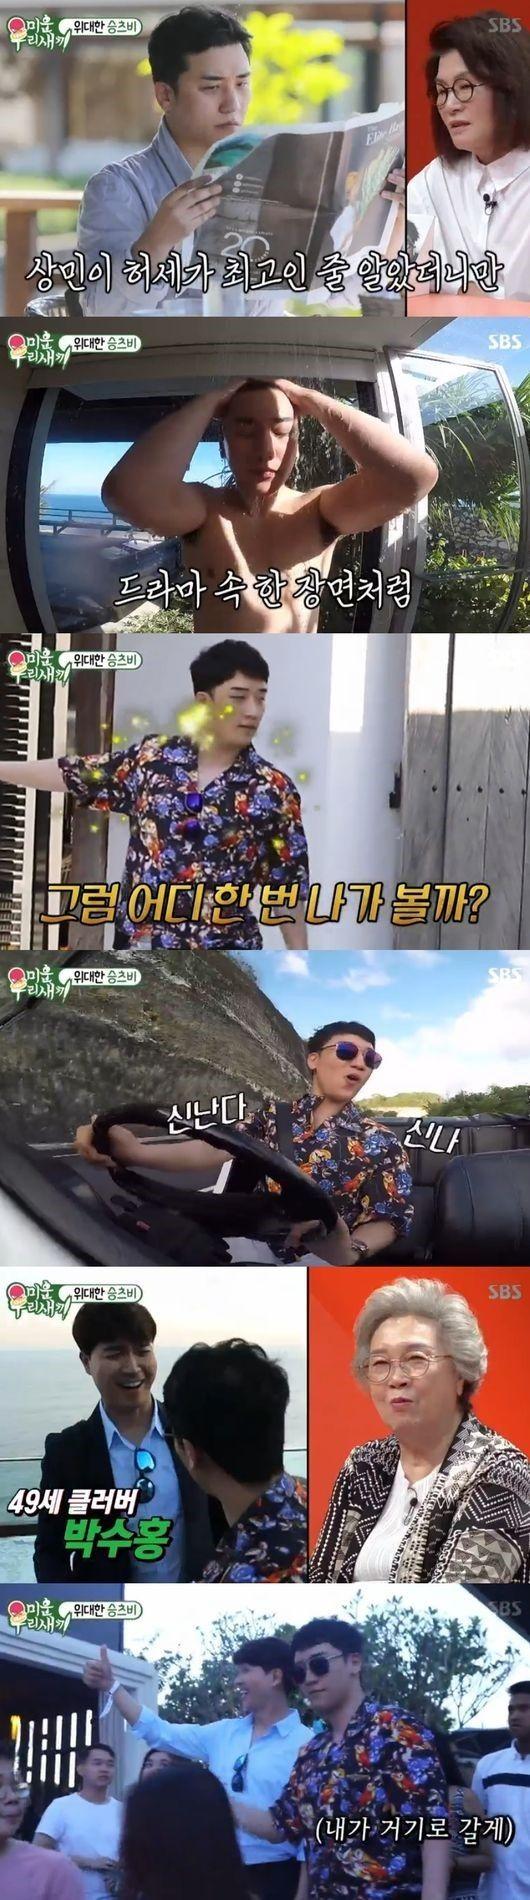 【BIGBANG NEWS】BIGBANGのV.I、バリ島でやりたい放題?!映画のワンシーンのような休暇が話題に